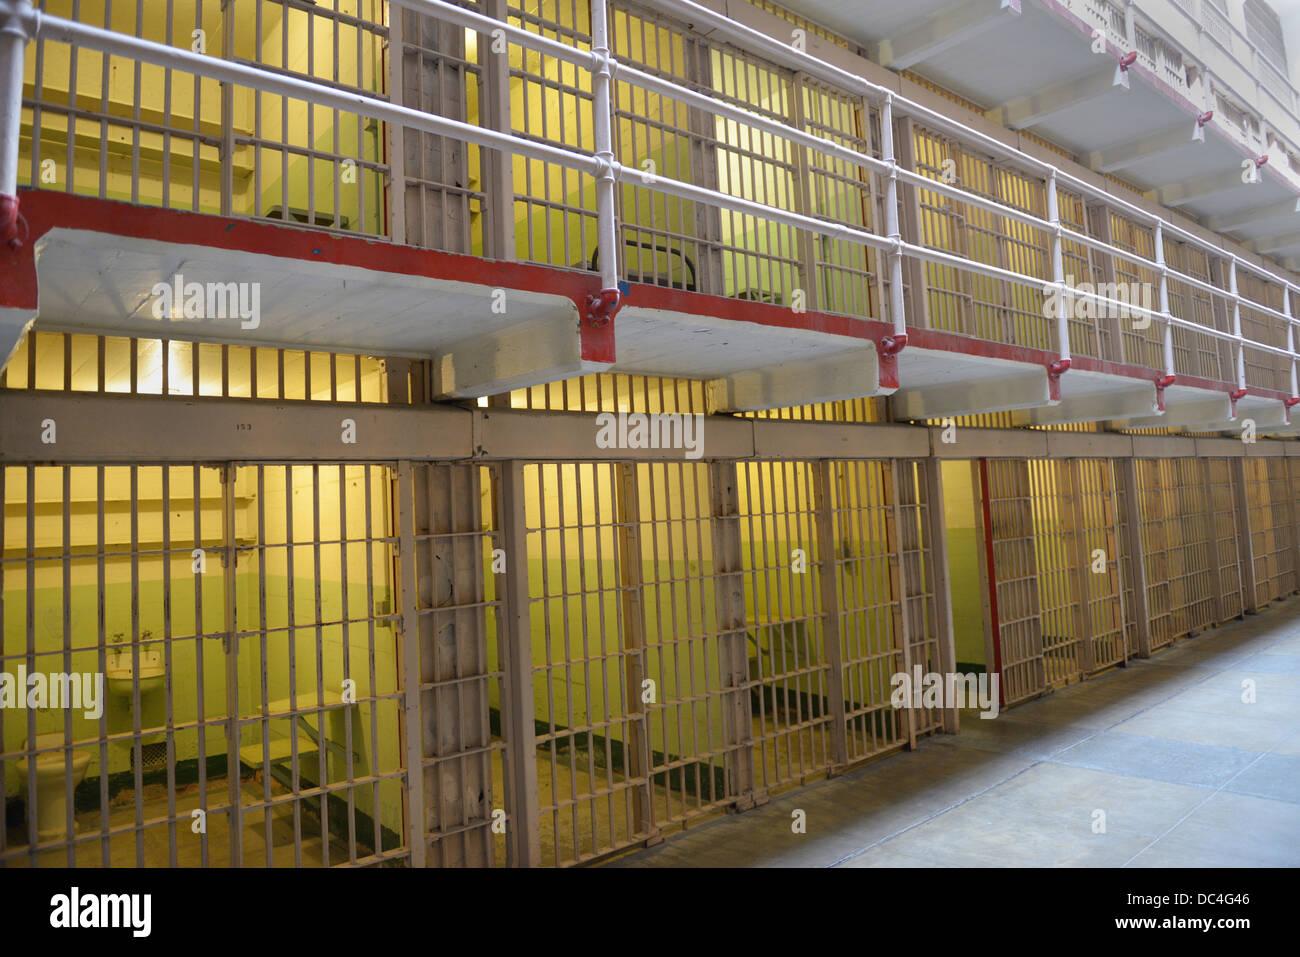 Alcatraz Penitentiary prison cells - Stock Image